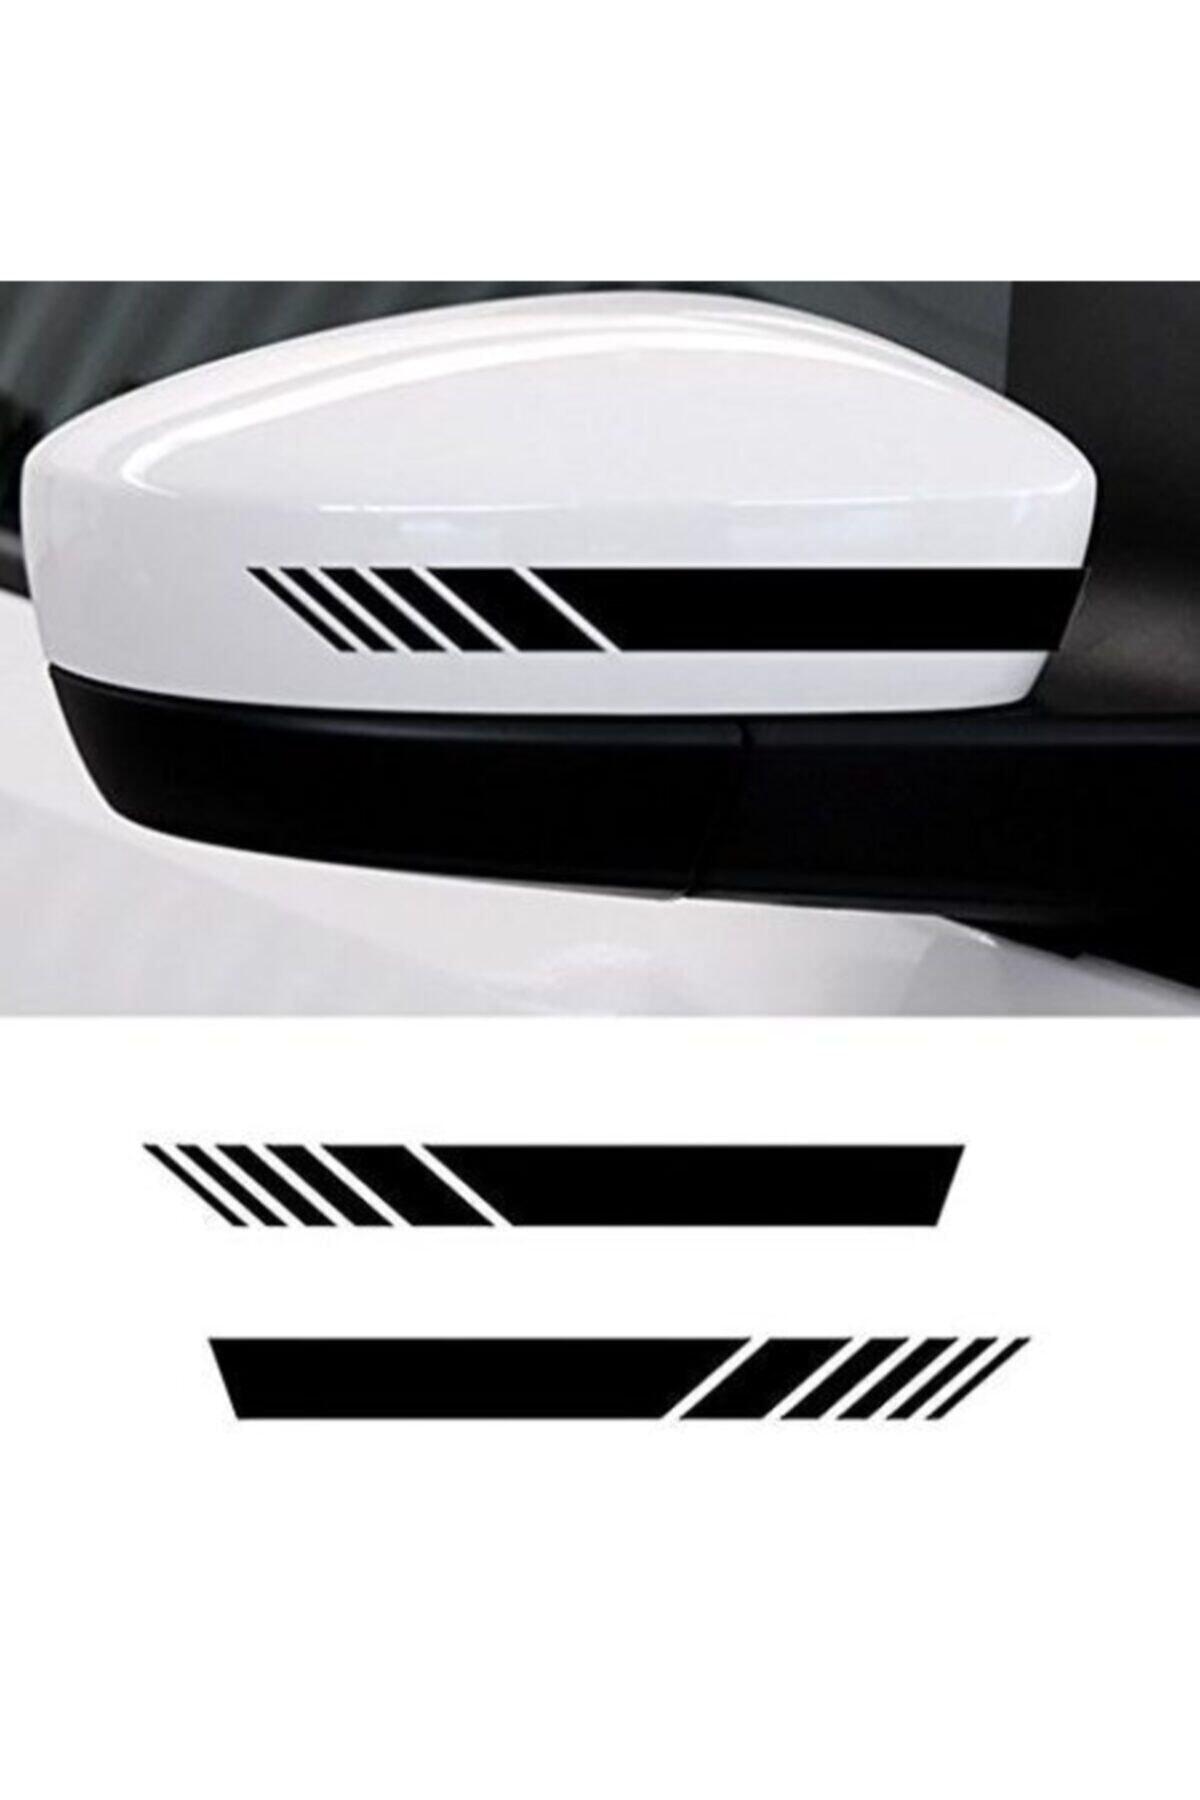 Quart Aksesuar Yan Ayna Oto Şerit Sticker, Araba Sticker Siyah 6 Adet 15 X 2 Cm 1